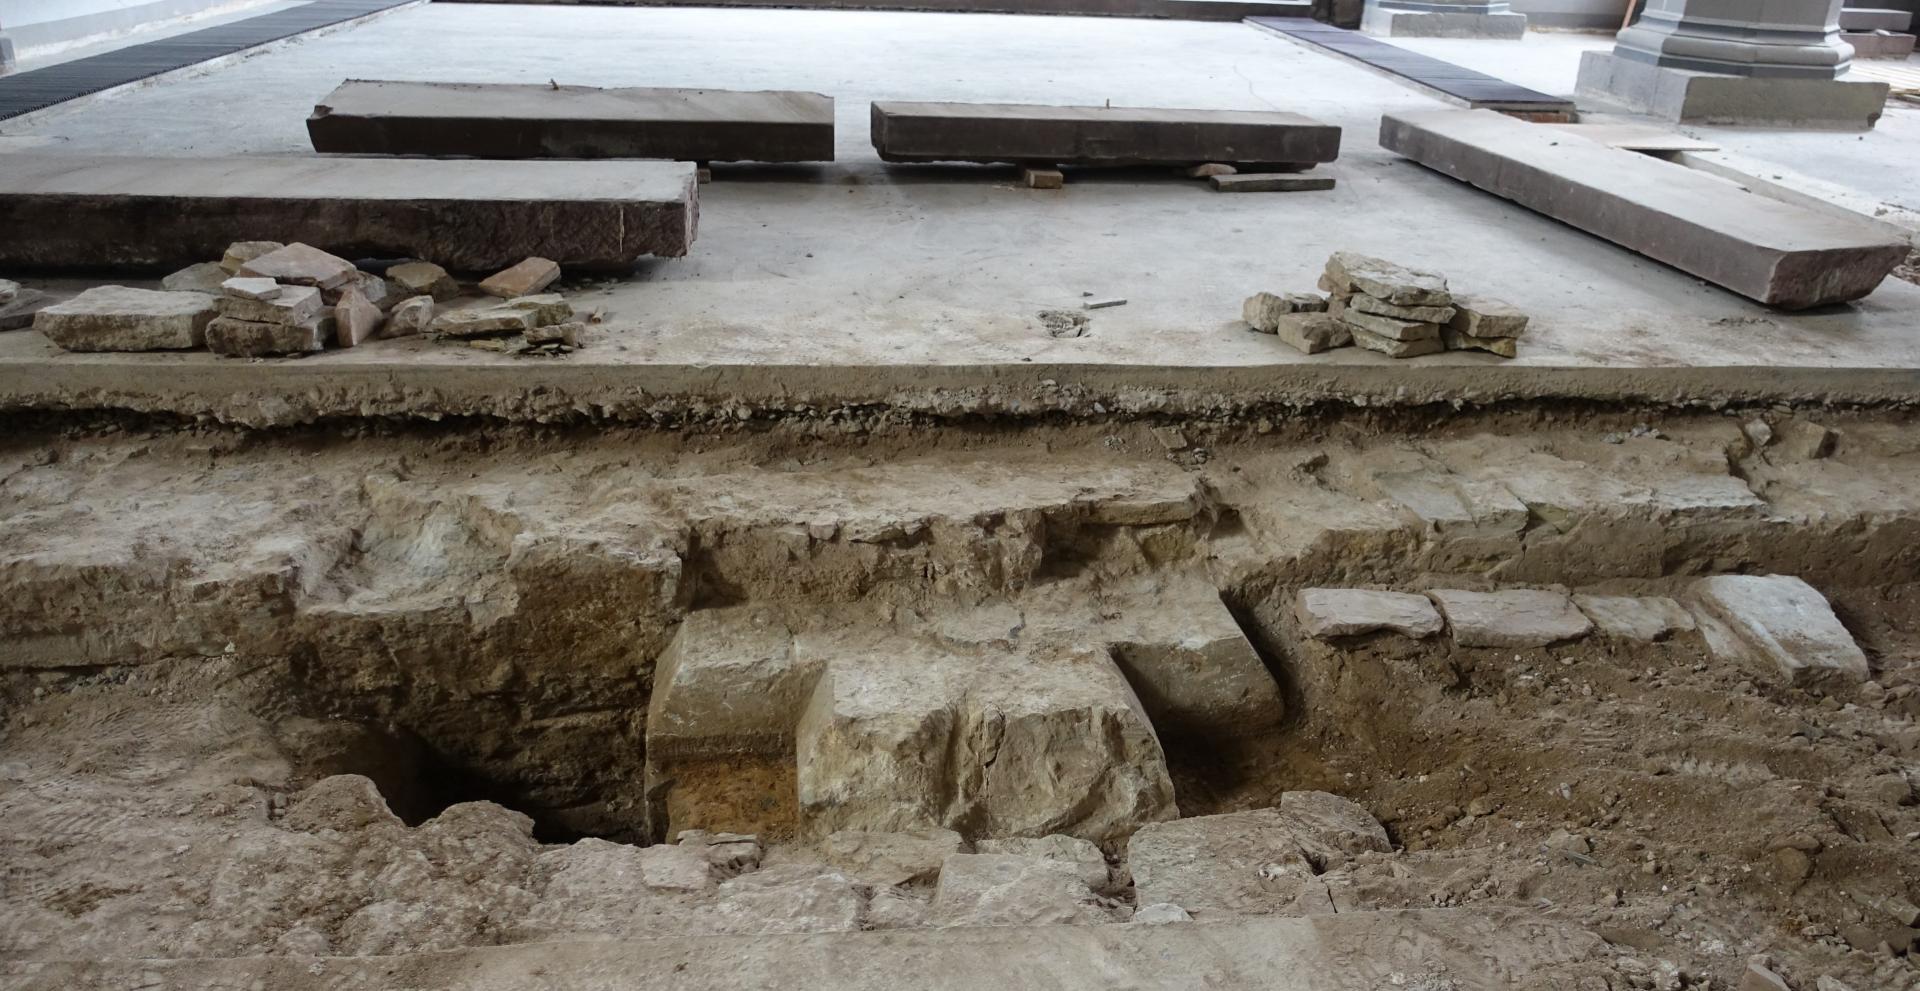 Bild 223 zeigt das Fundament einer Säule der Vorgängerkirche und einige Steine, die Dr. Stefan Teuber, der Stadtarchivar, für erhaltenswert ansah.